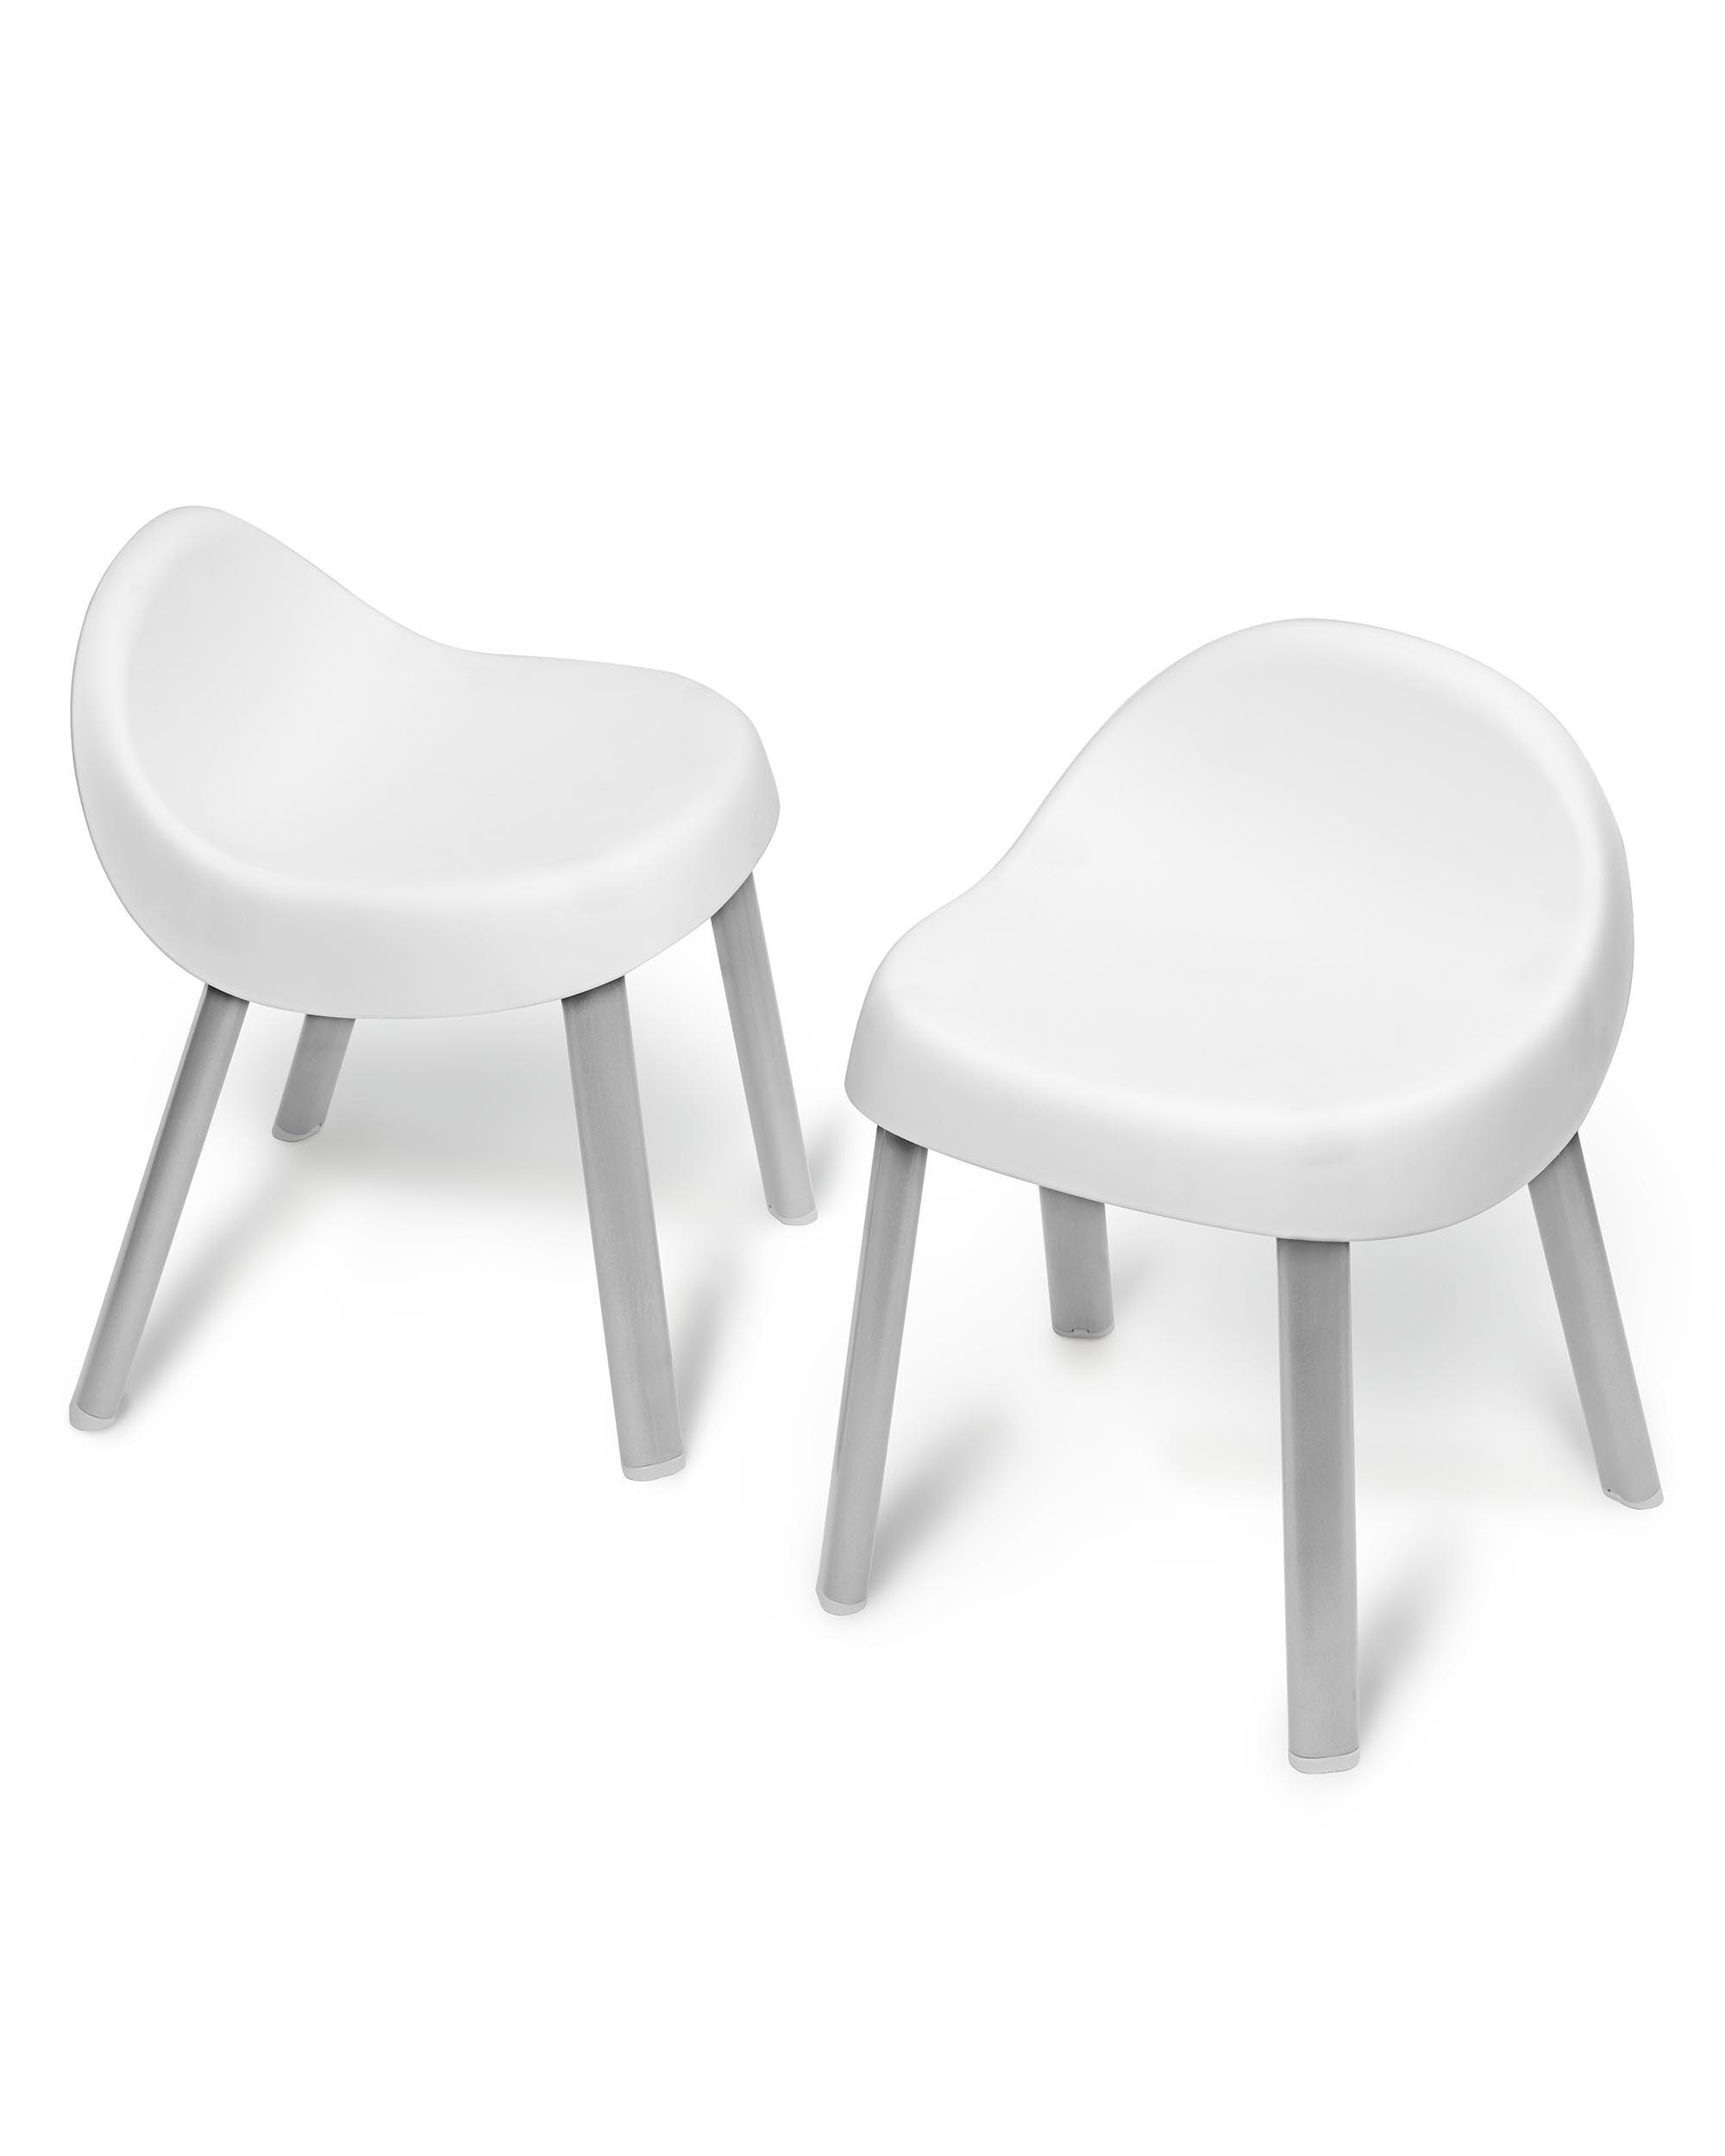 Explore U0026 More Kids Chairs